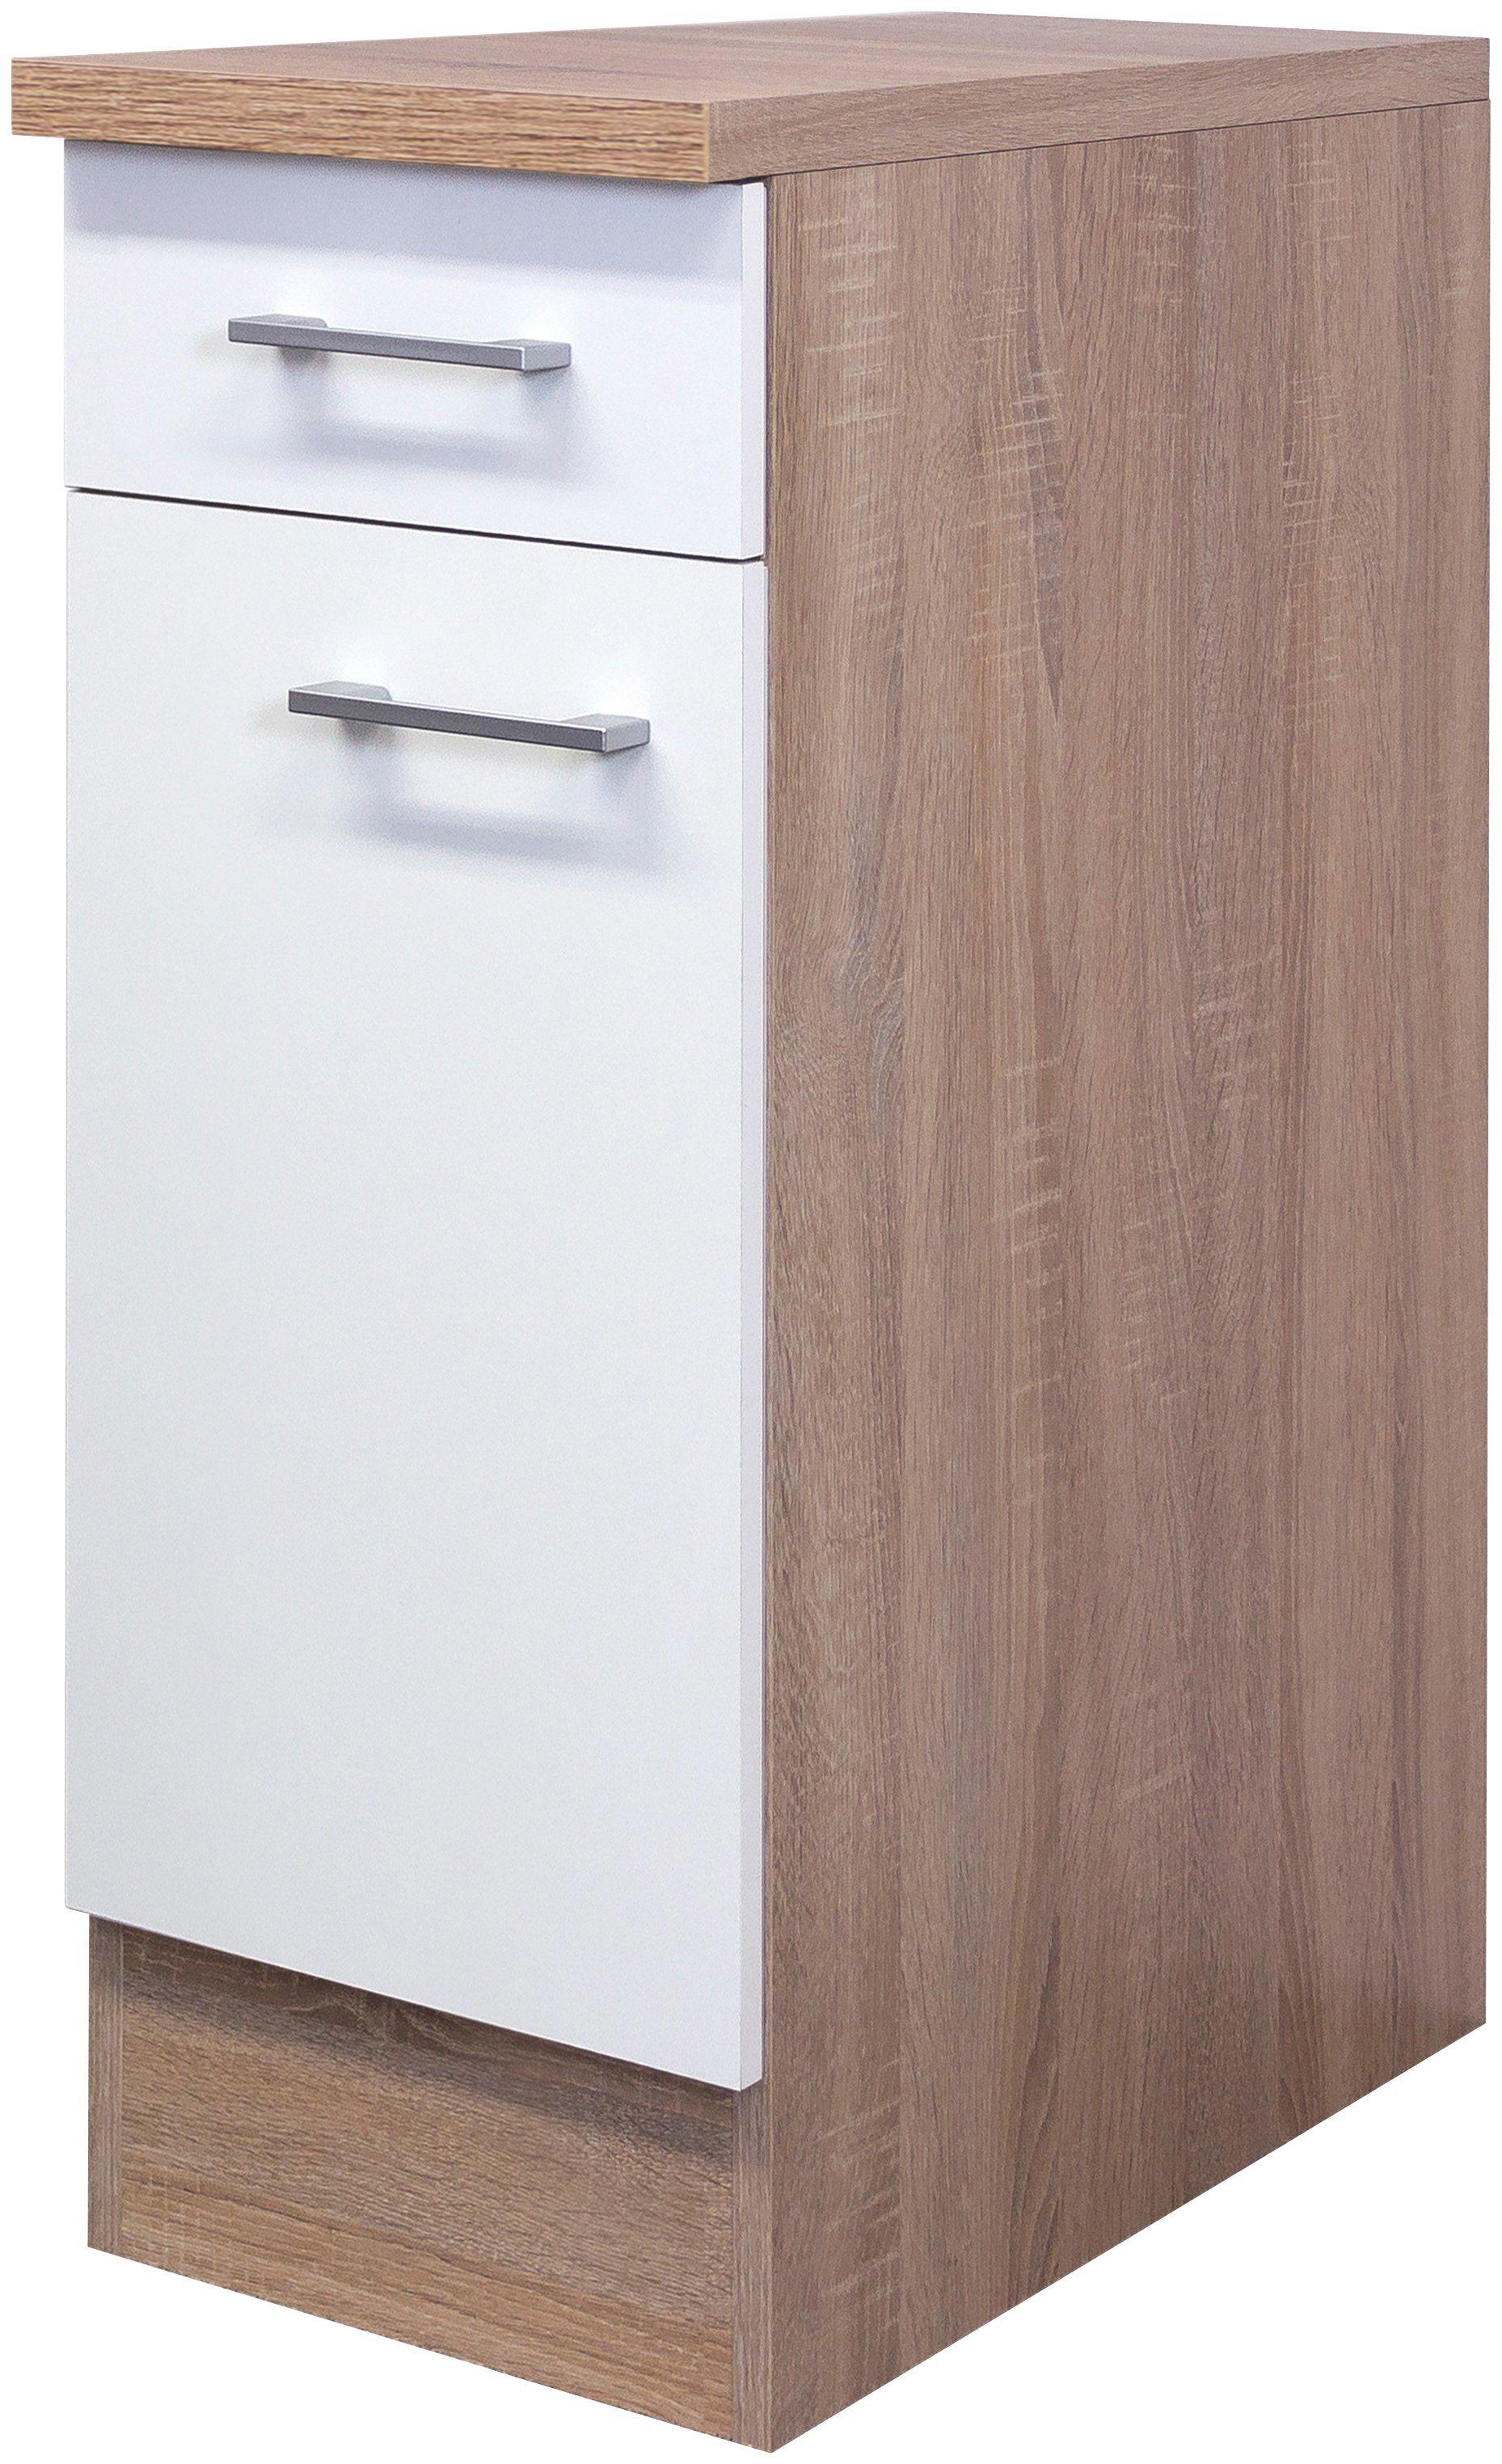 flex-well Küchen-Unterschränke online kaufen | Möbel-Suchmaschine ...